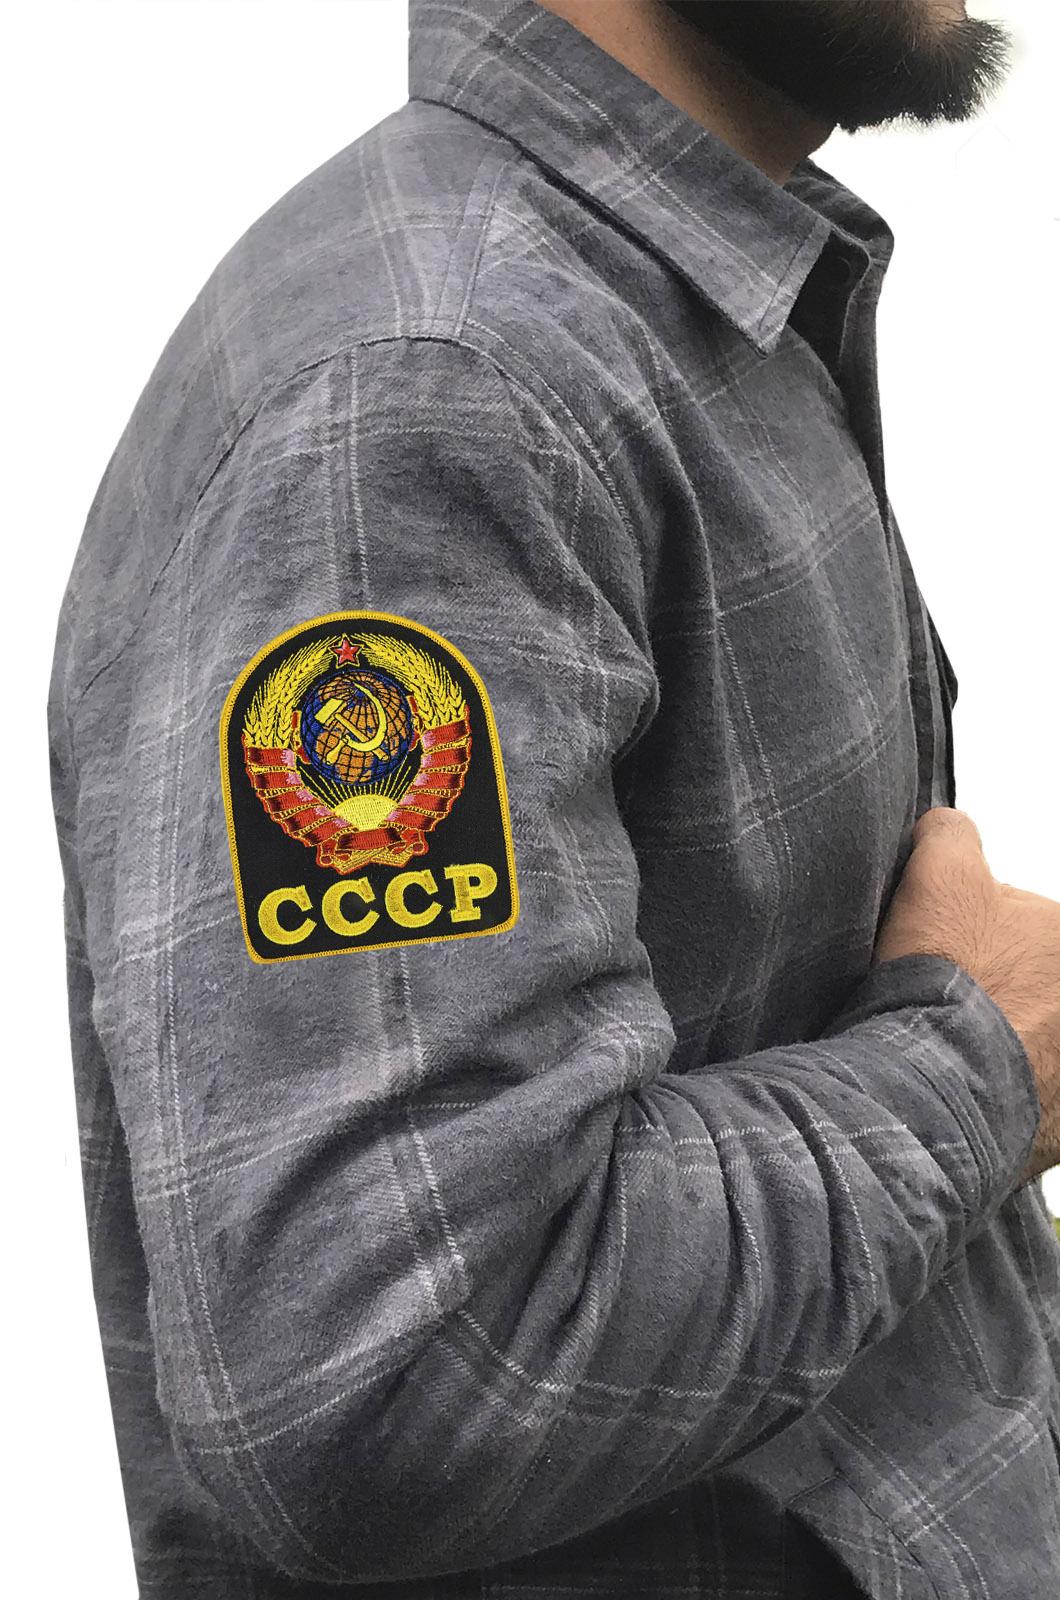 Рубашки с вышивкой СССР